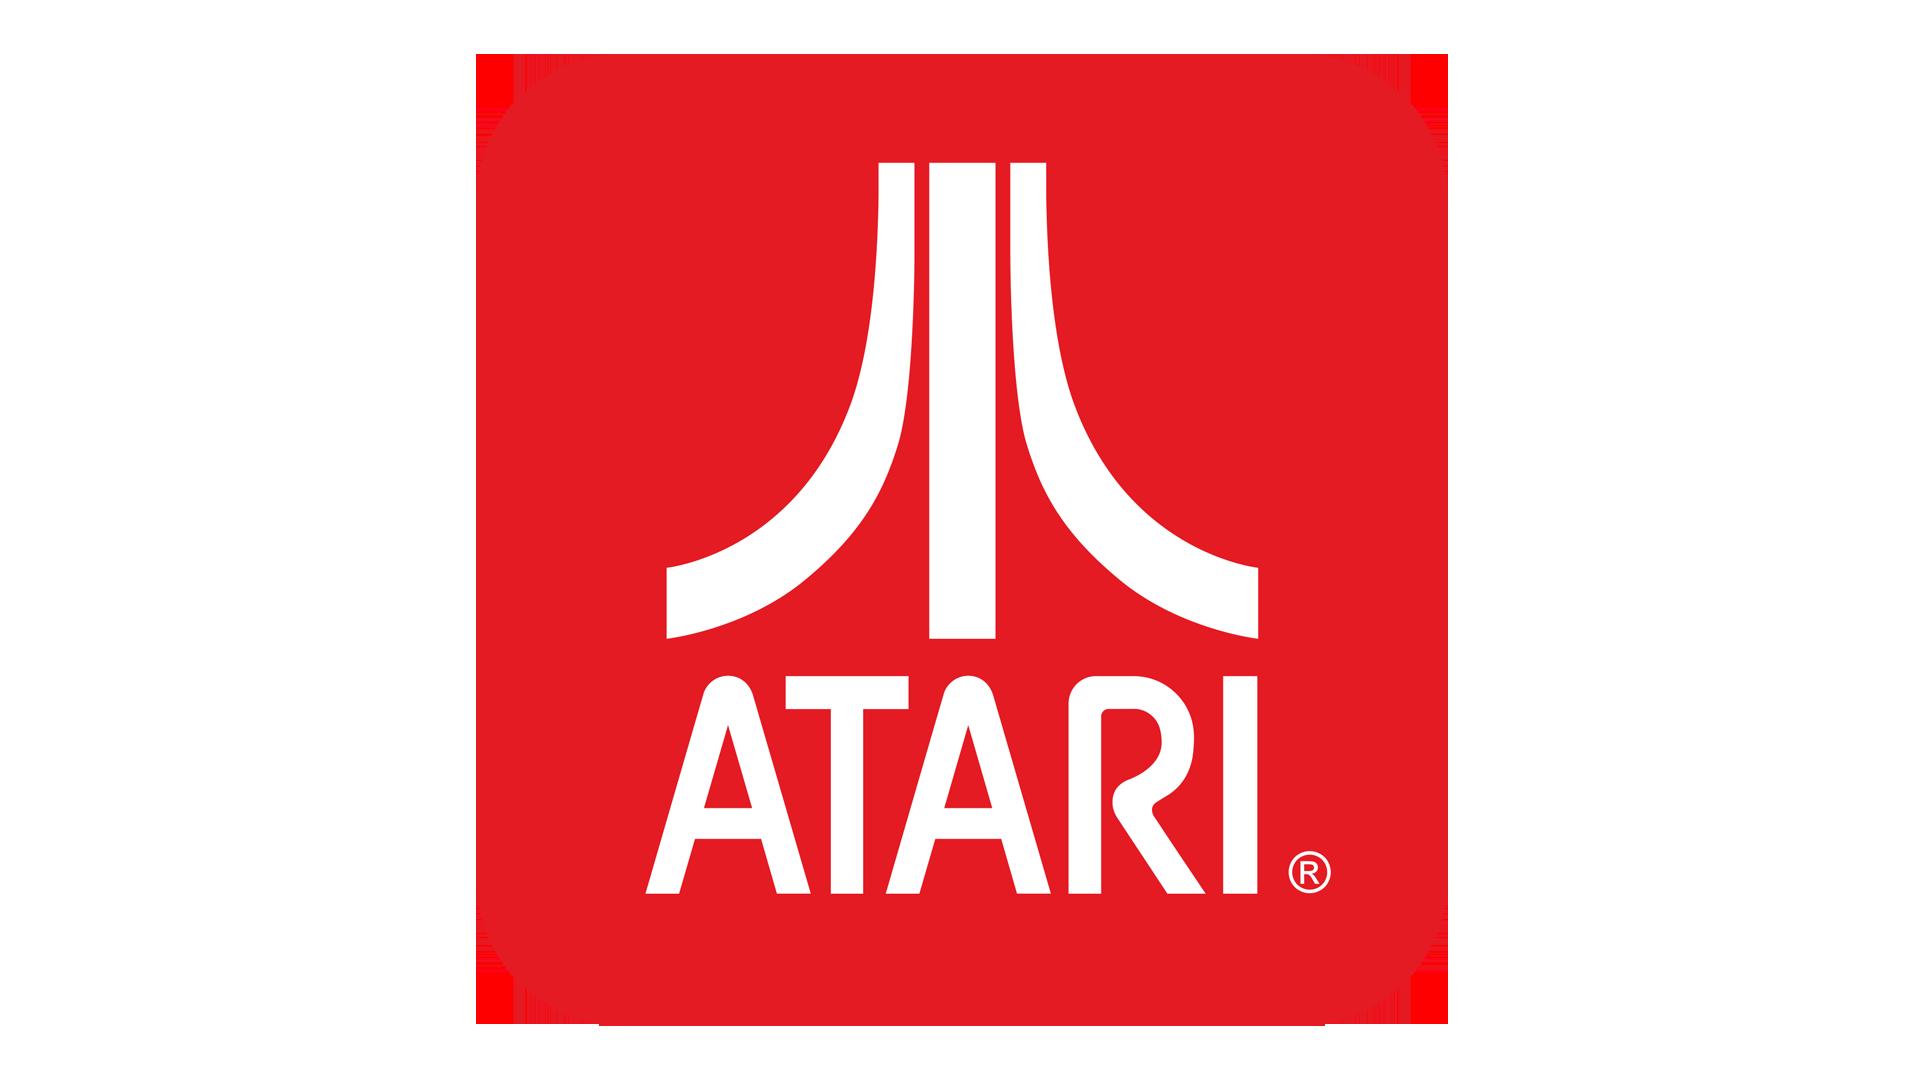 Atari logo and symbol, meaning, history, PNG